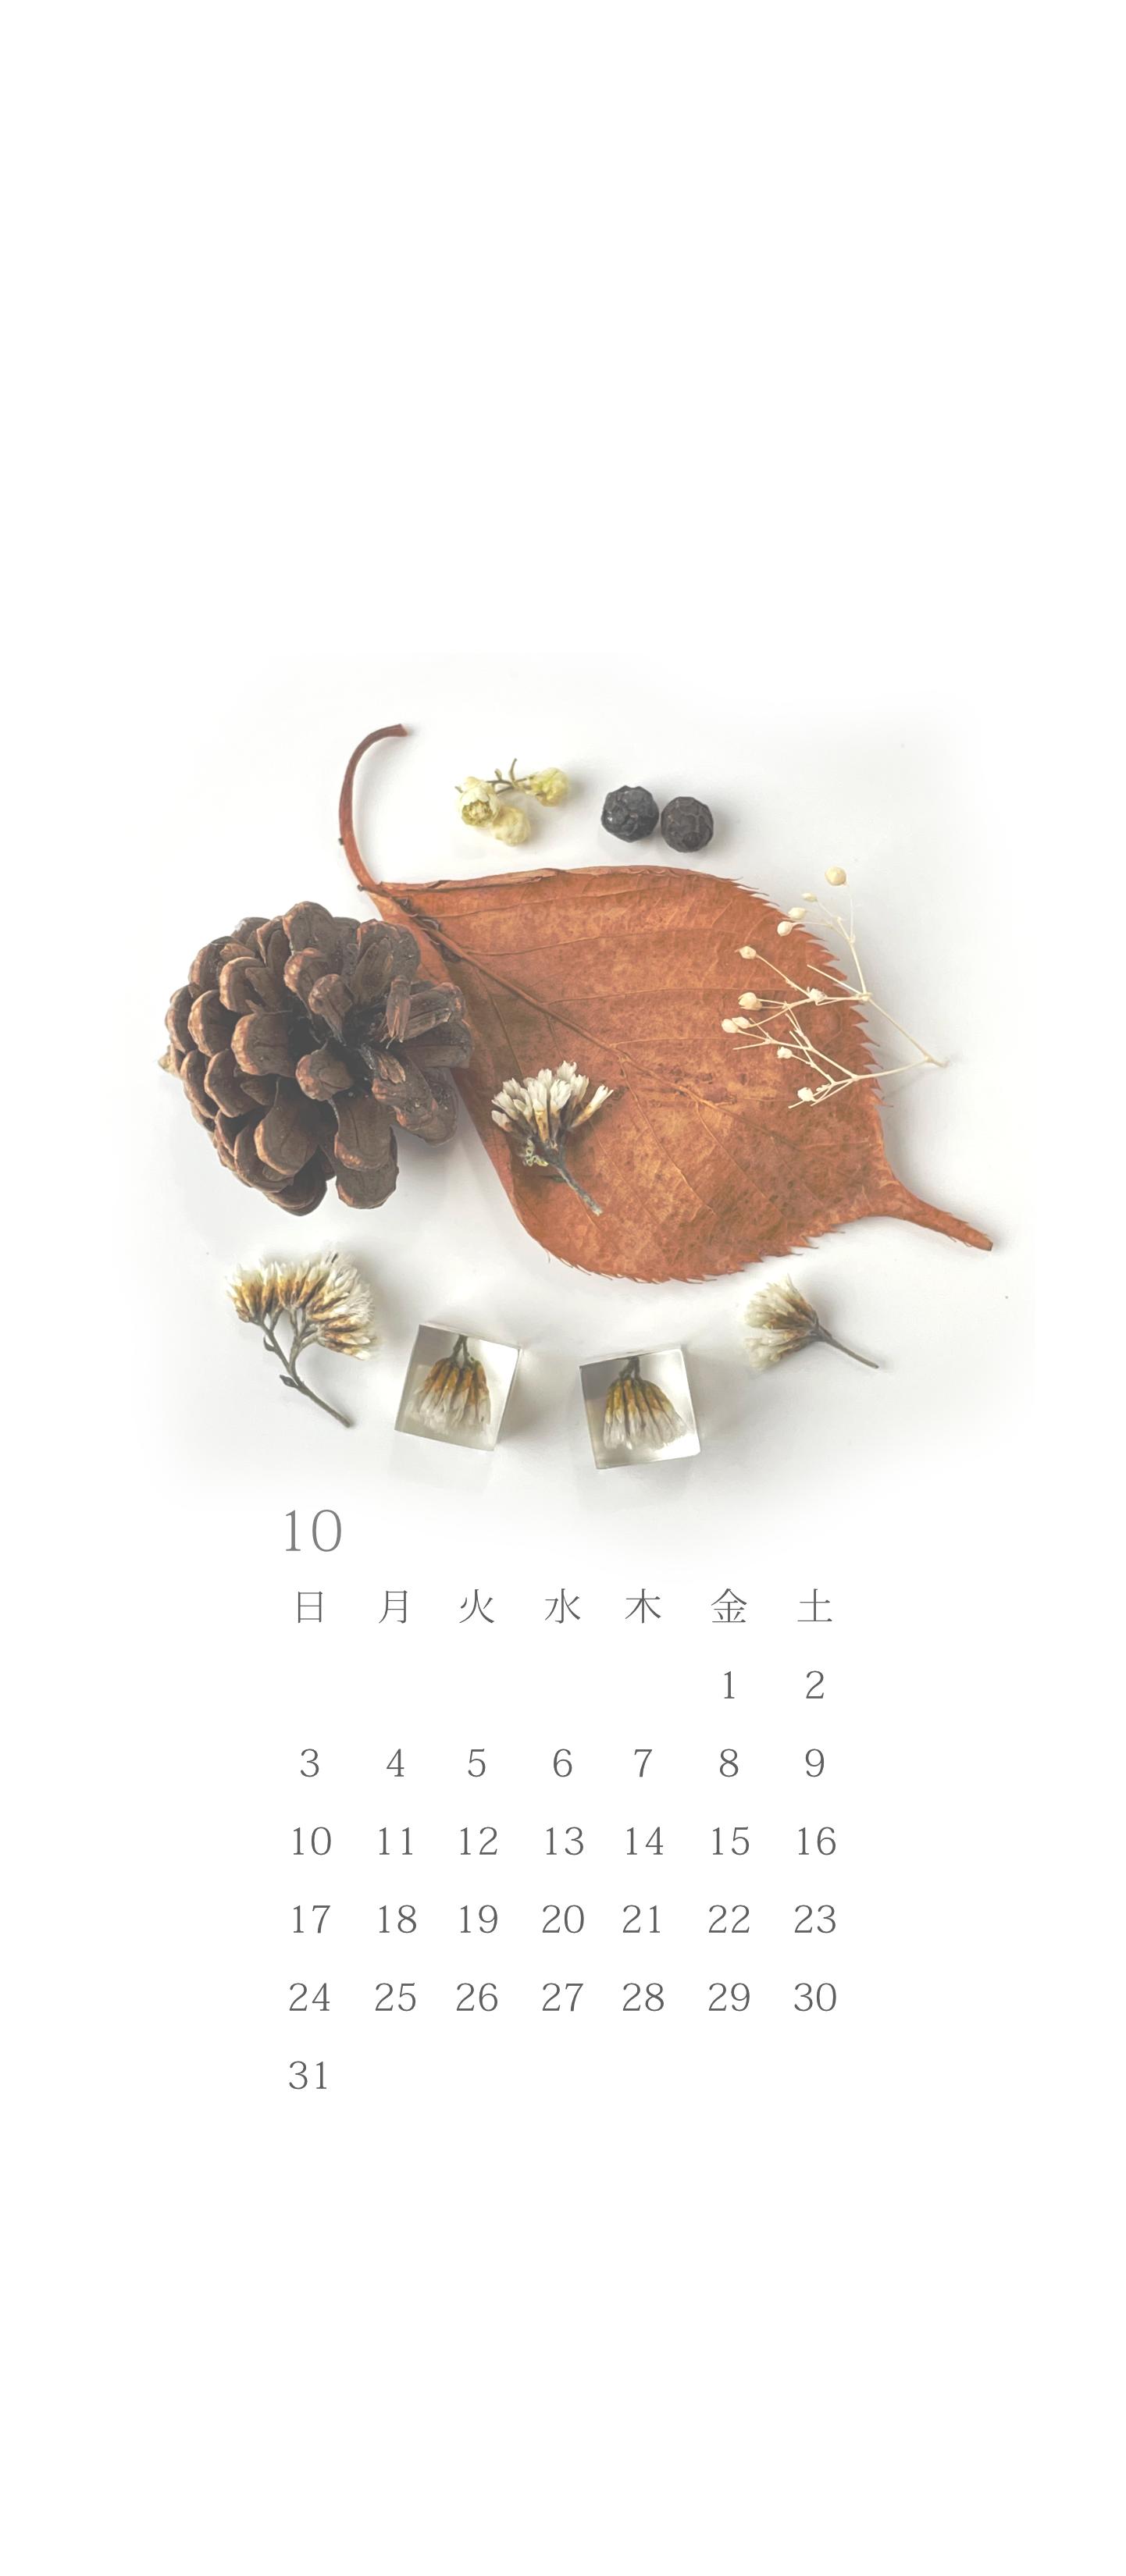 無料ロック画面カレンダー 「10月 秋の収穫」